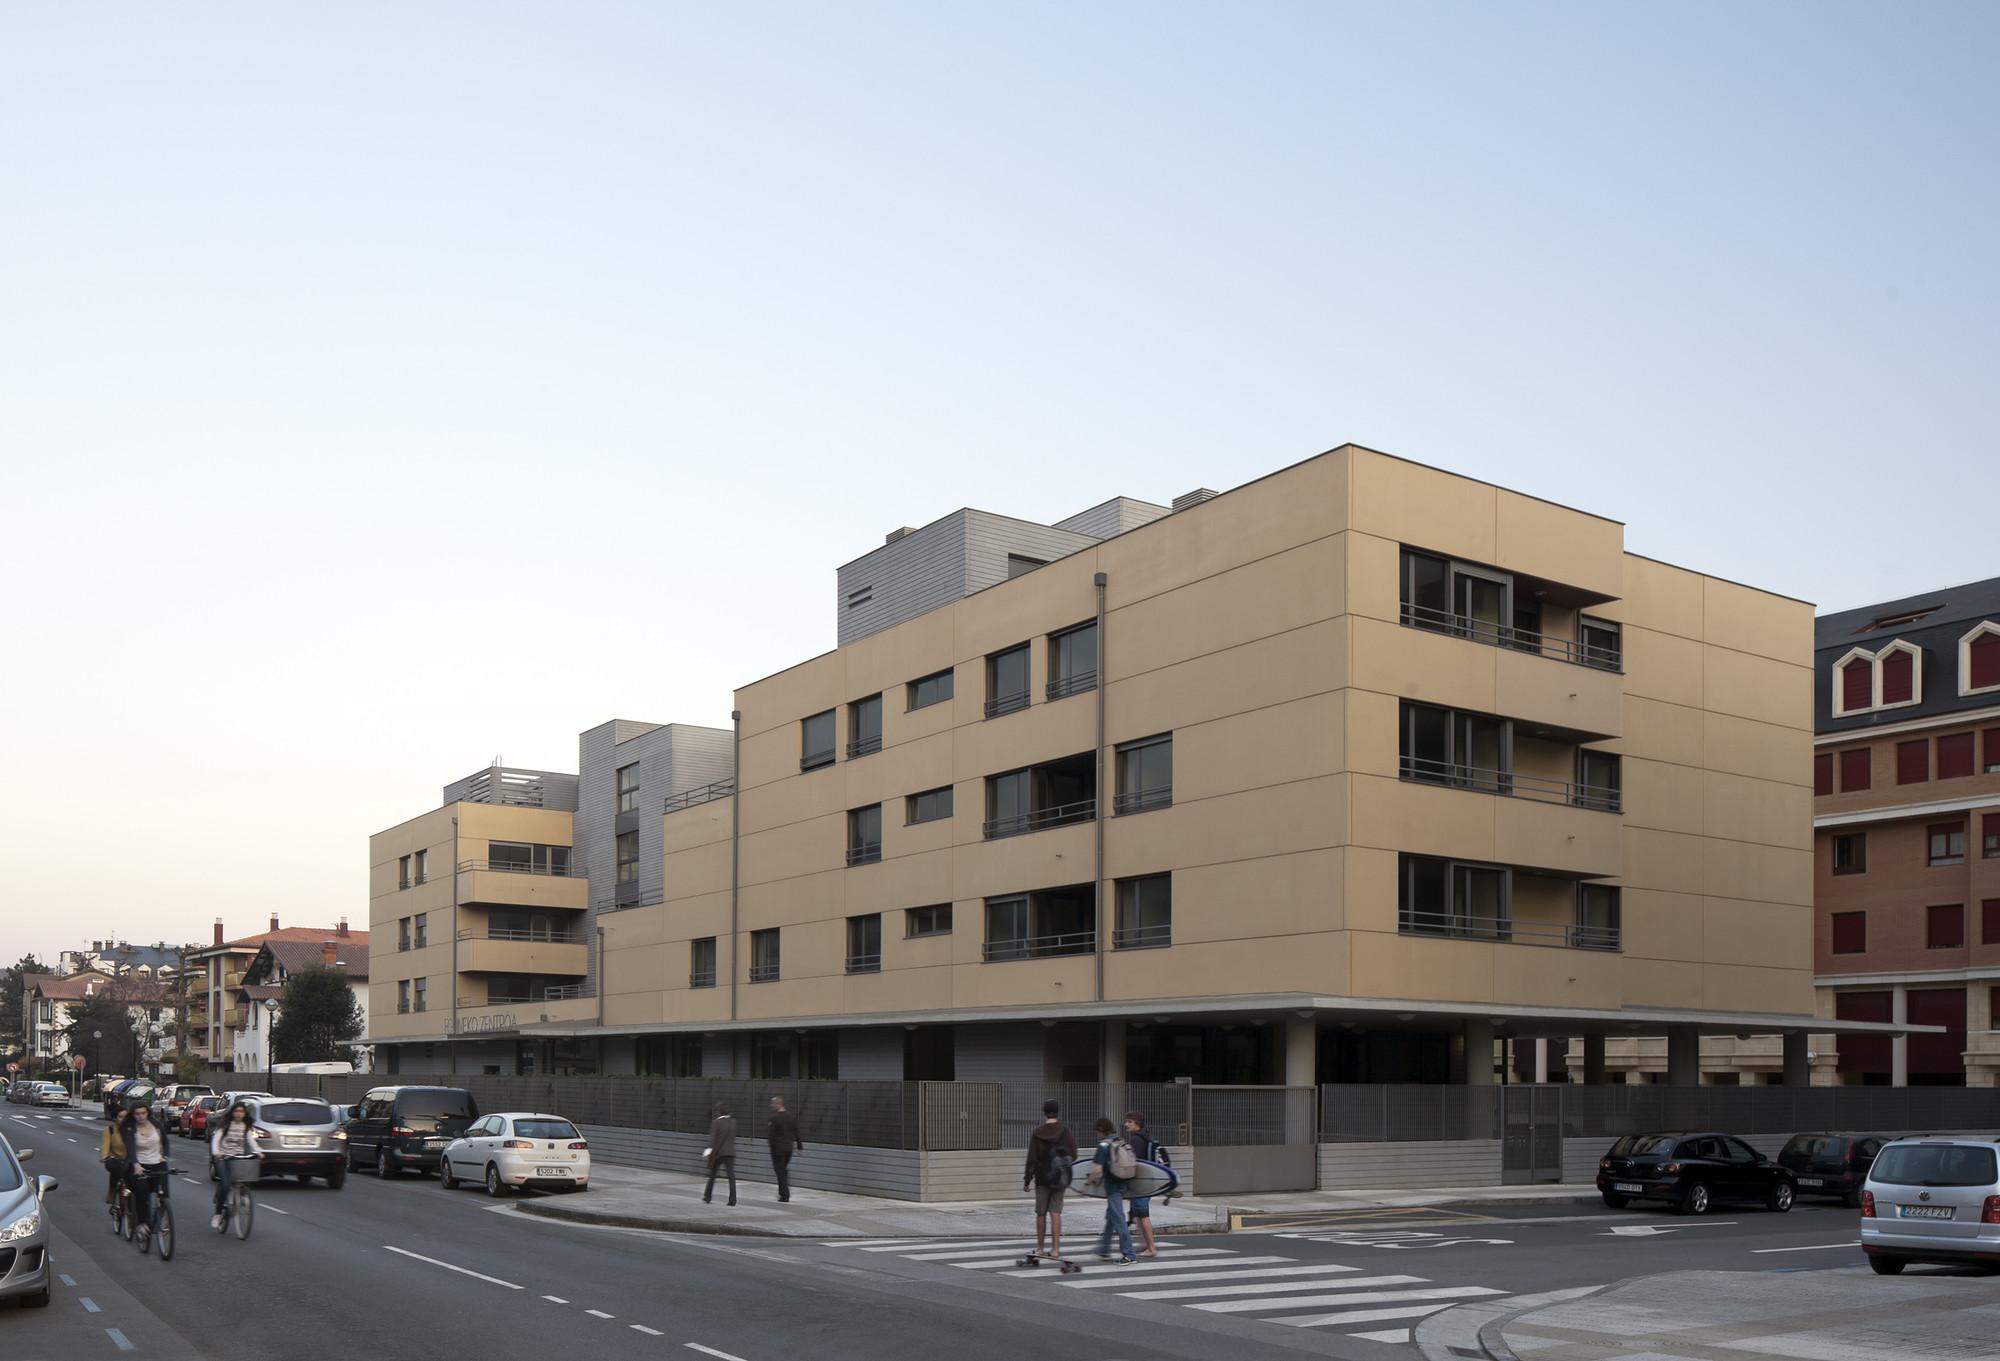 Galer a de apartamentos para mayores y centro de d a en zarautz ignacio quemada arquitectos 4 - Apartamentos en zarauz ...